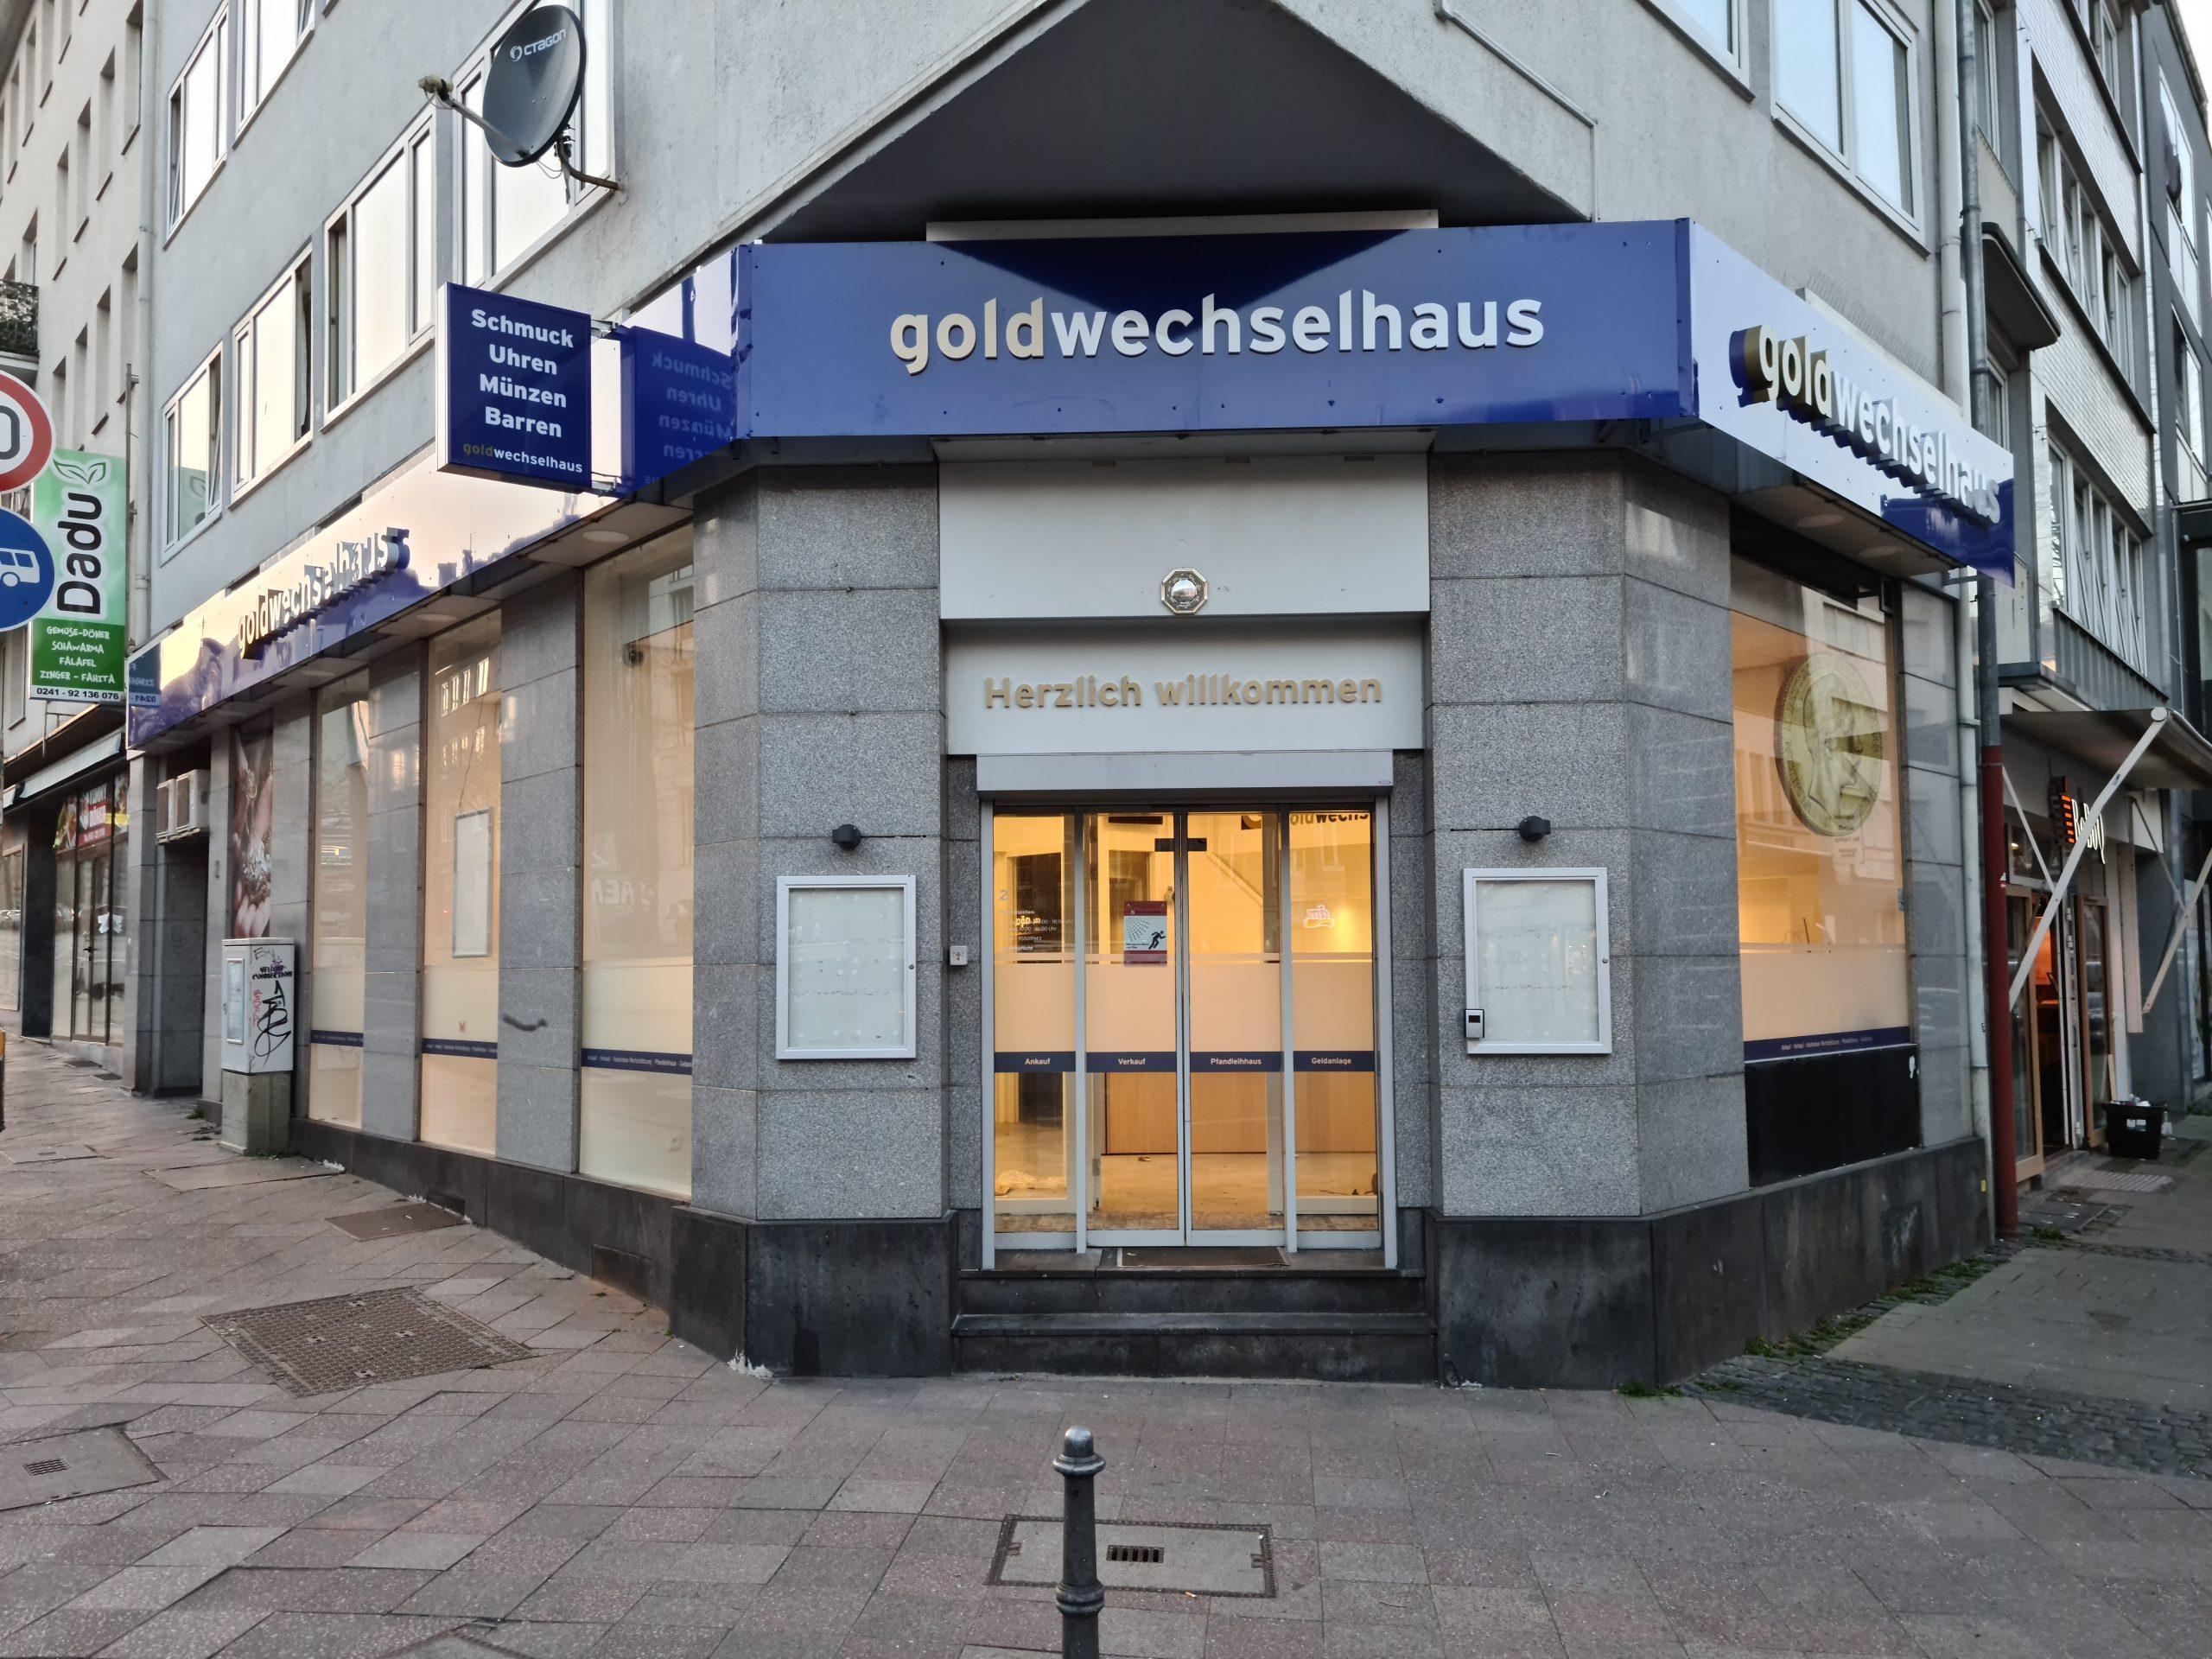 Goudwisselkantoor betreedt Duitse markt